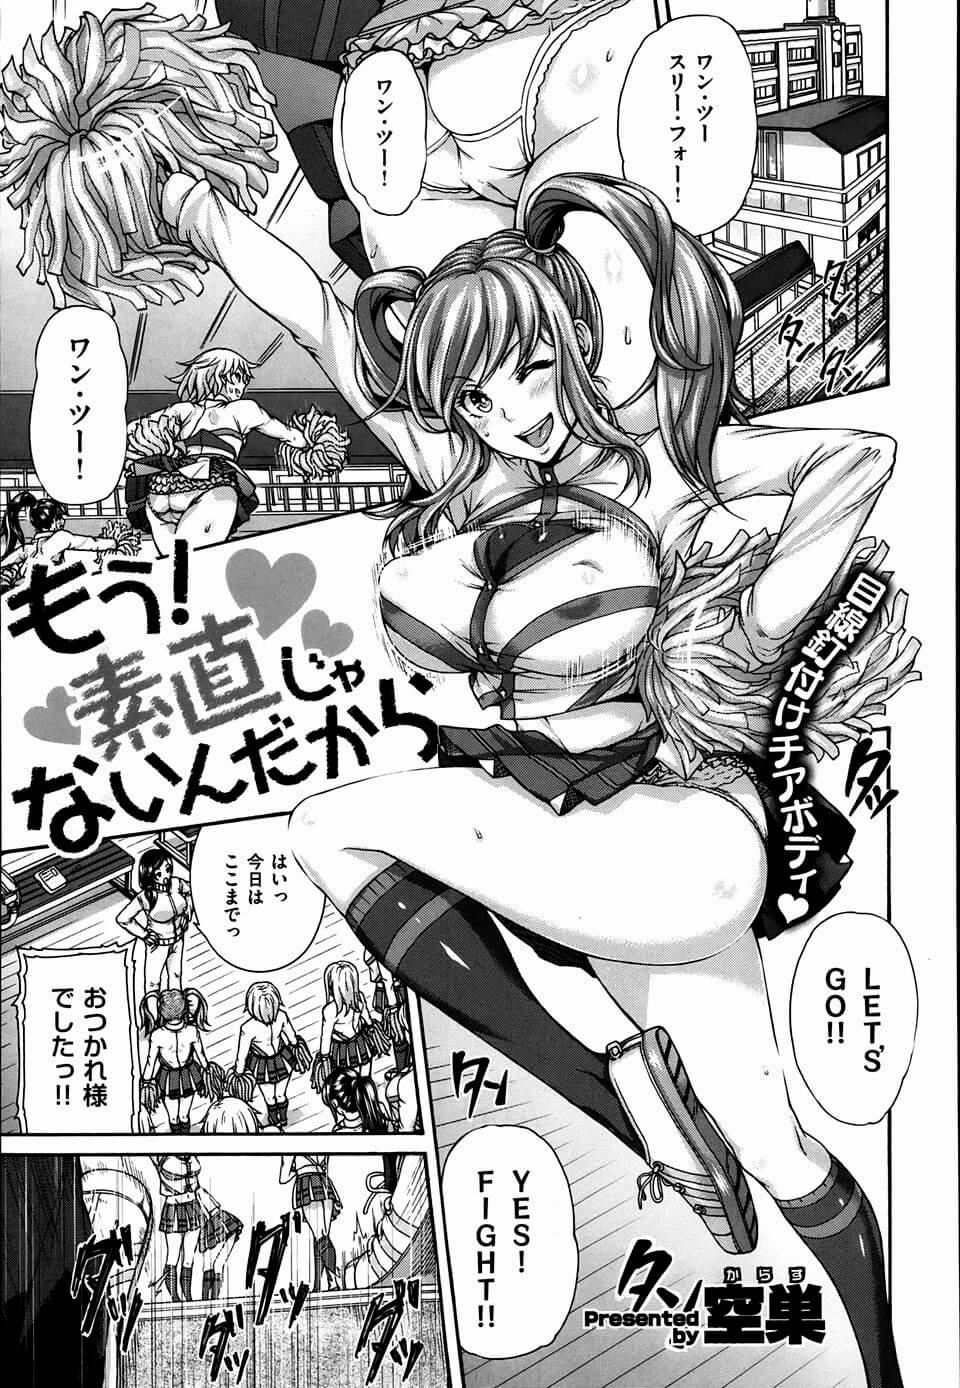 【エロ漫画】チアガールの練習が終わりミキは人気で、俊は唯一ミキの虜にならず後輩に手を出そうとしてミキに部室に連れて行かれる。【無料 エロ同人】